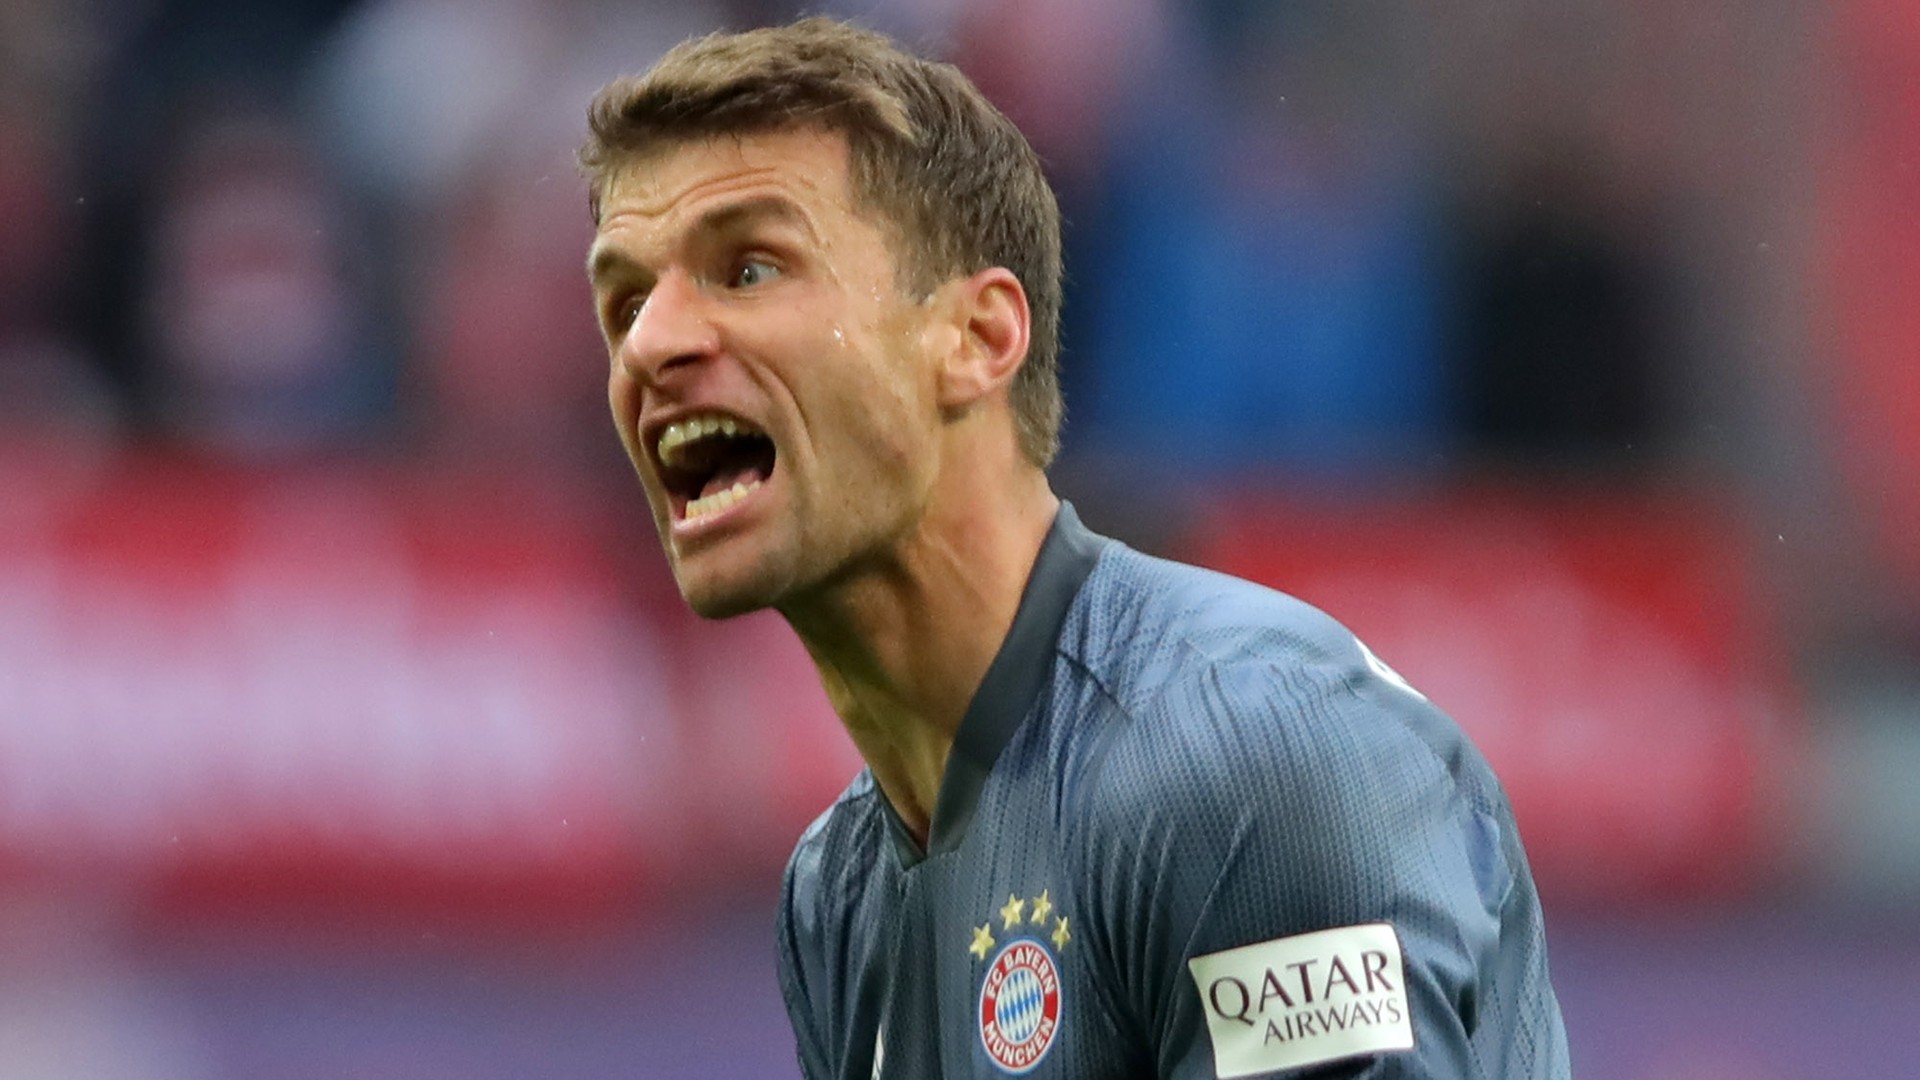 Mercato, Bayern Munich : Müller dans le viseur de l'Inter Milan ?